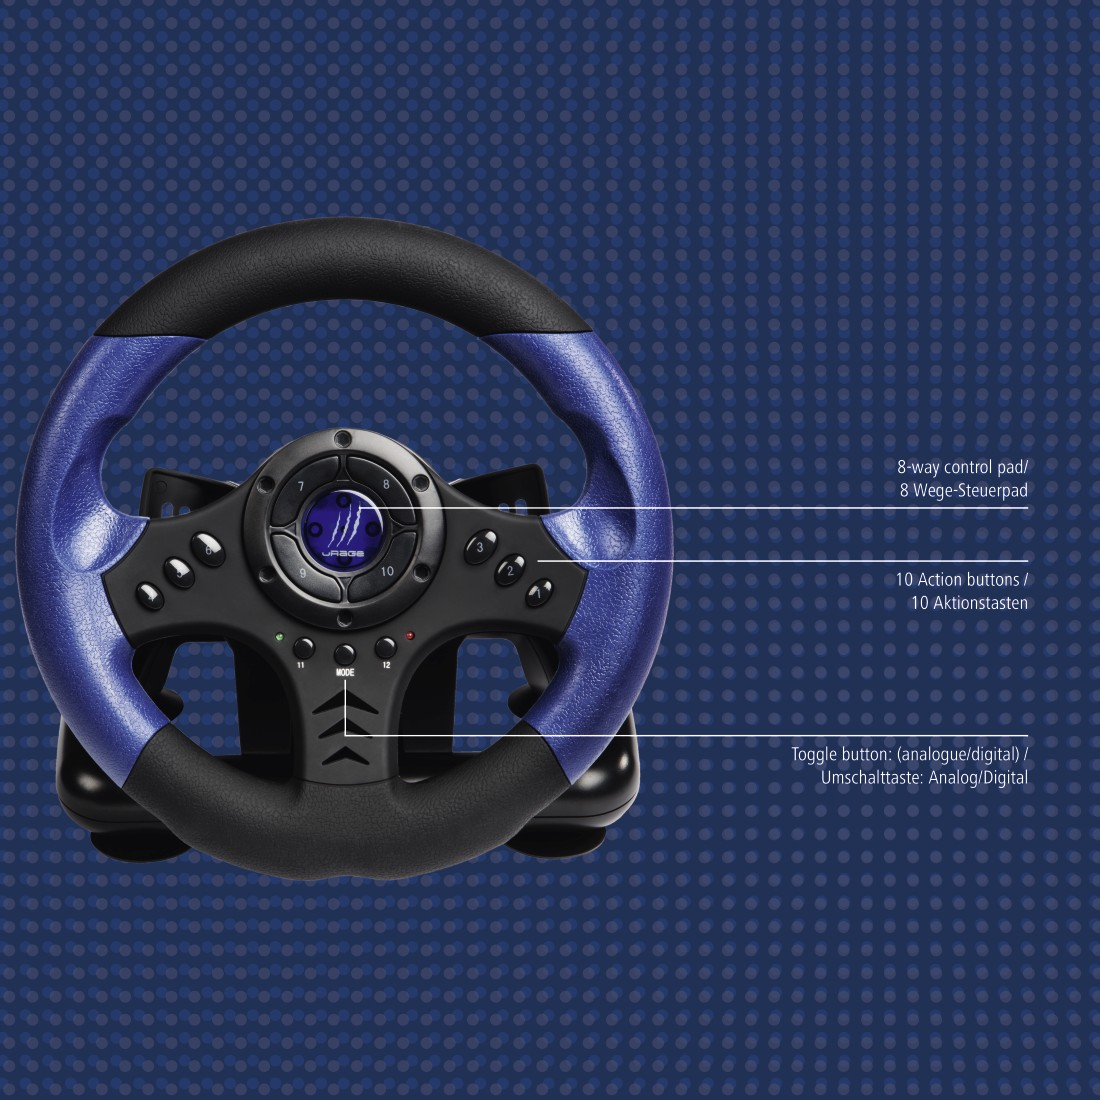 как установить руль hama wheel gripz